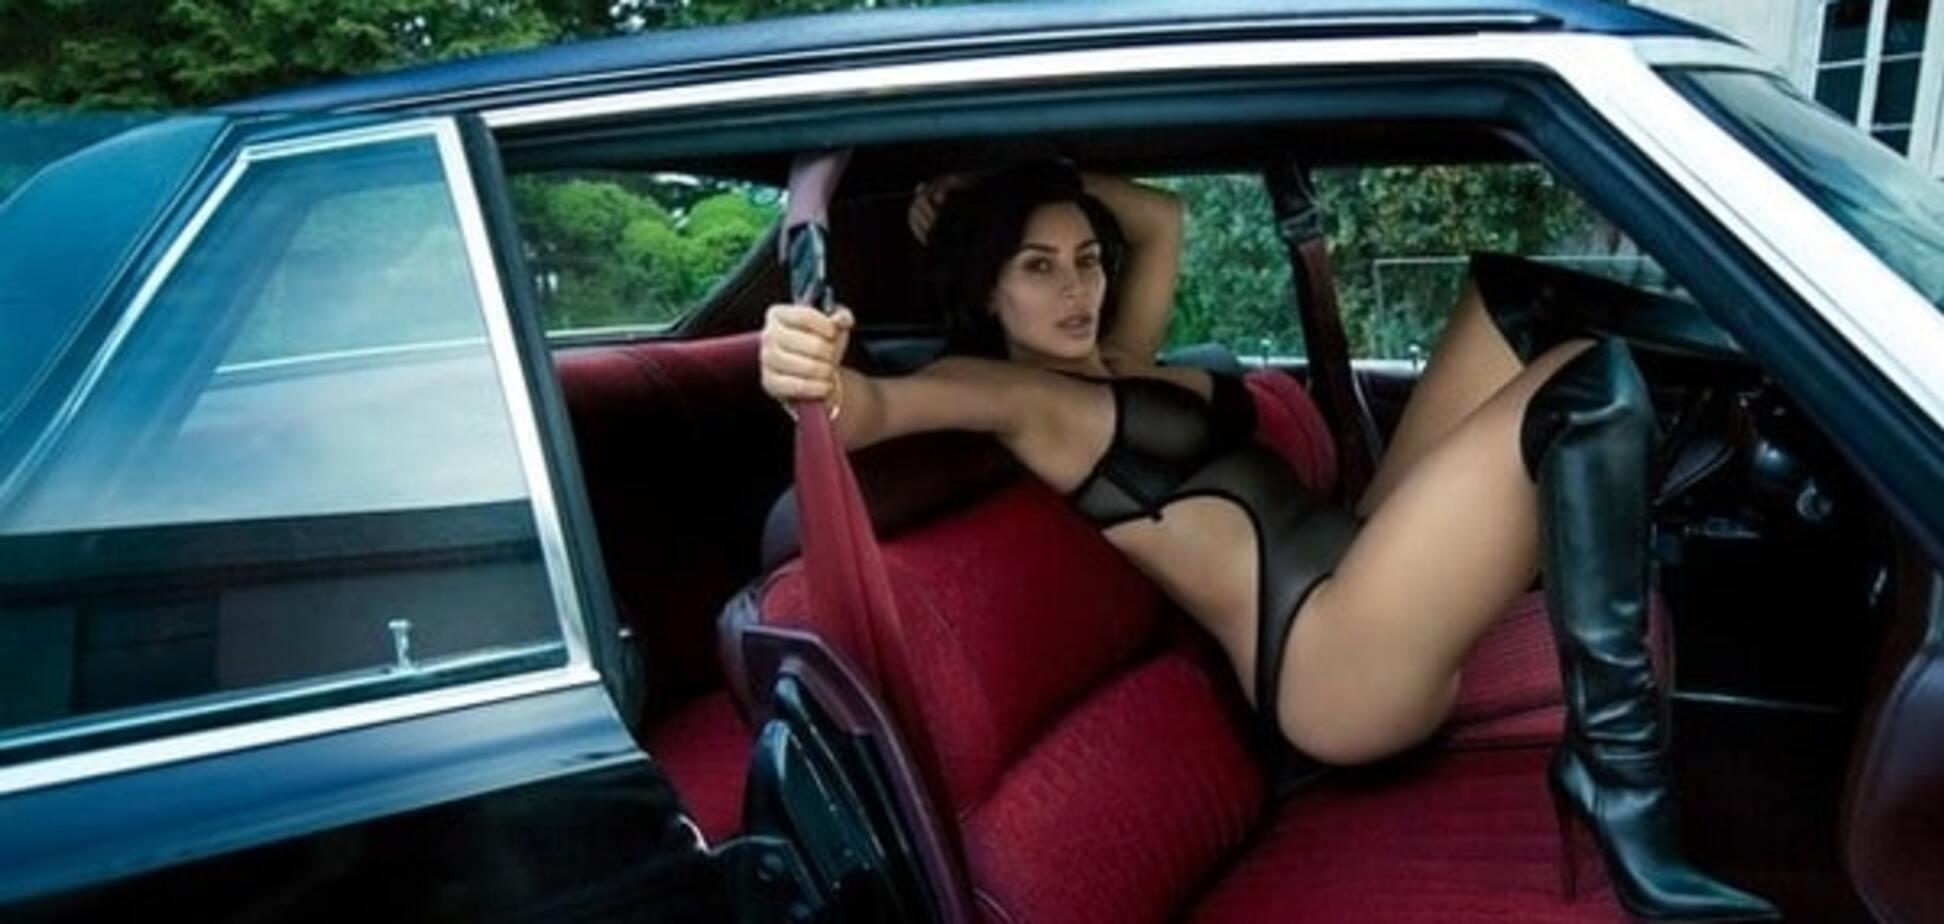 Топ-7 самых сексуальных женщин планеты по версии GQ